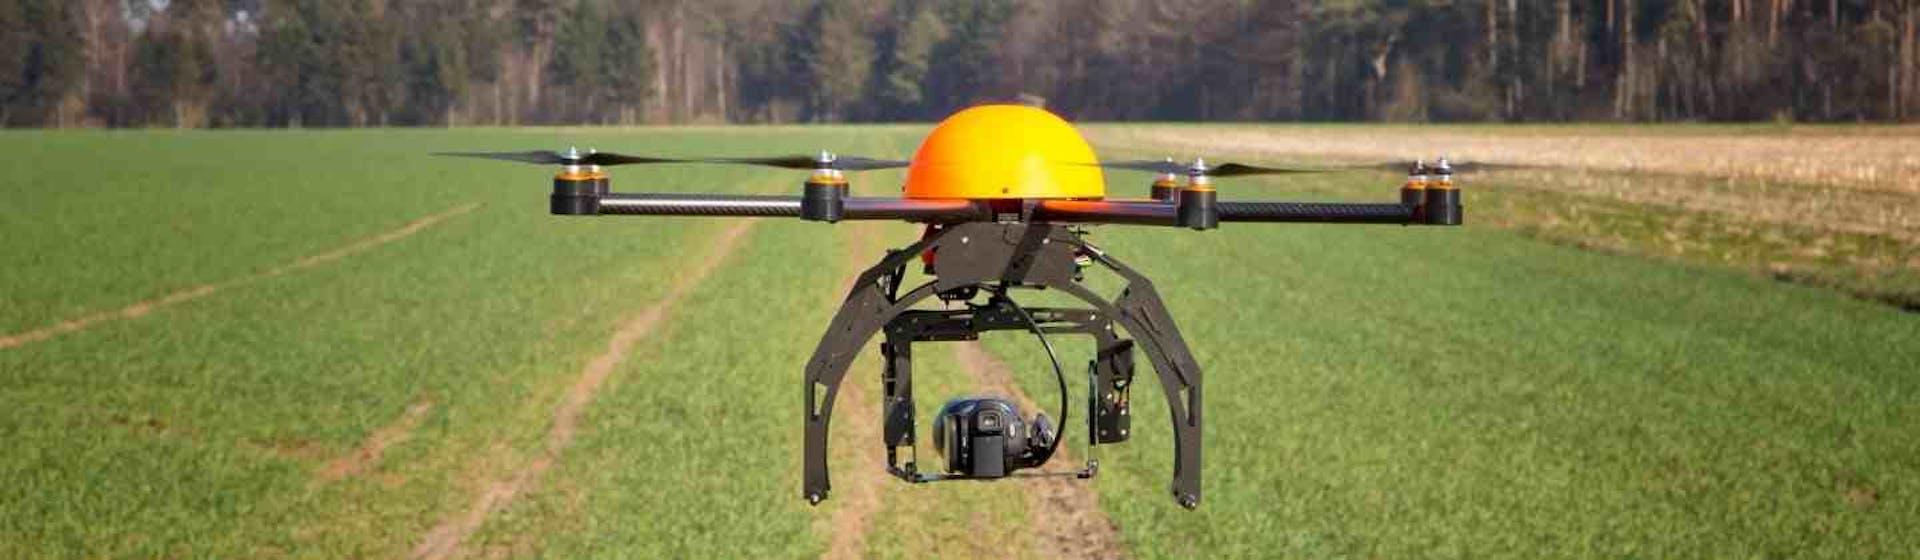 Drones para topografía: descubre sus usos y prepárate para el despegue